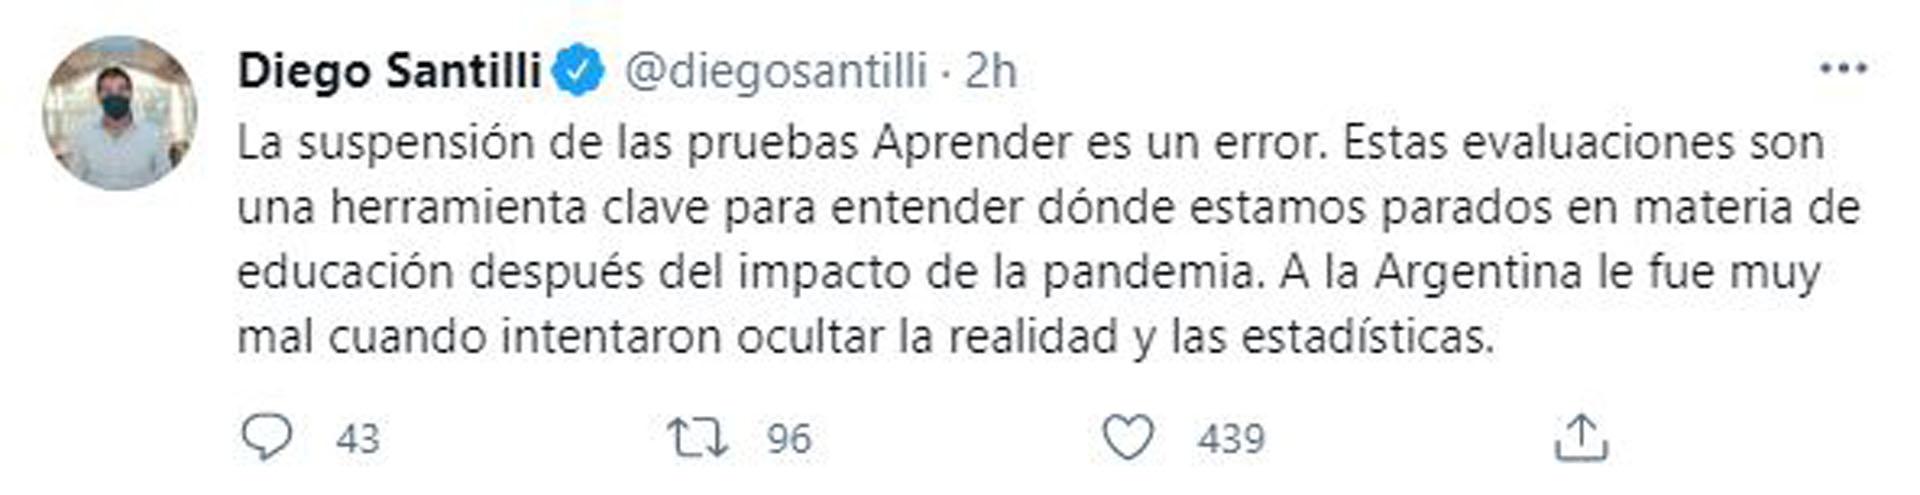 El mensaje de Santilli (@diegosantilli)